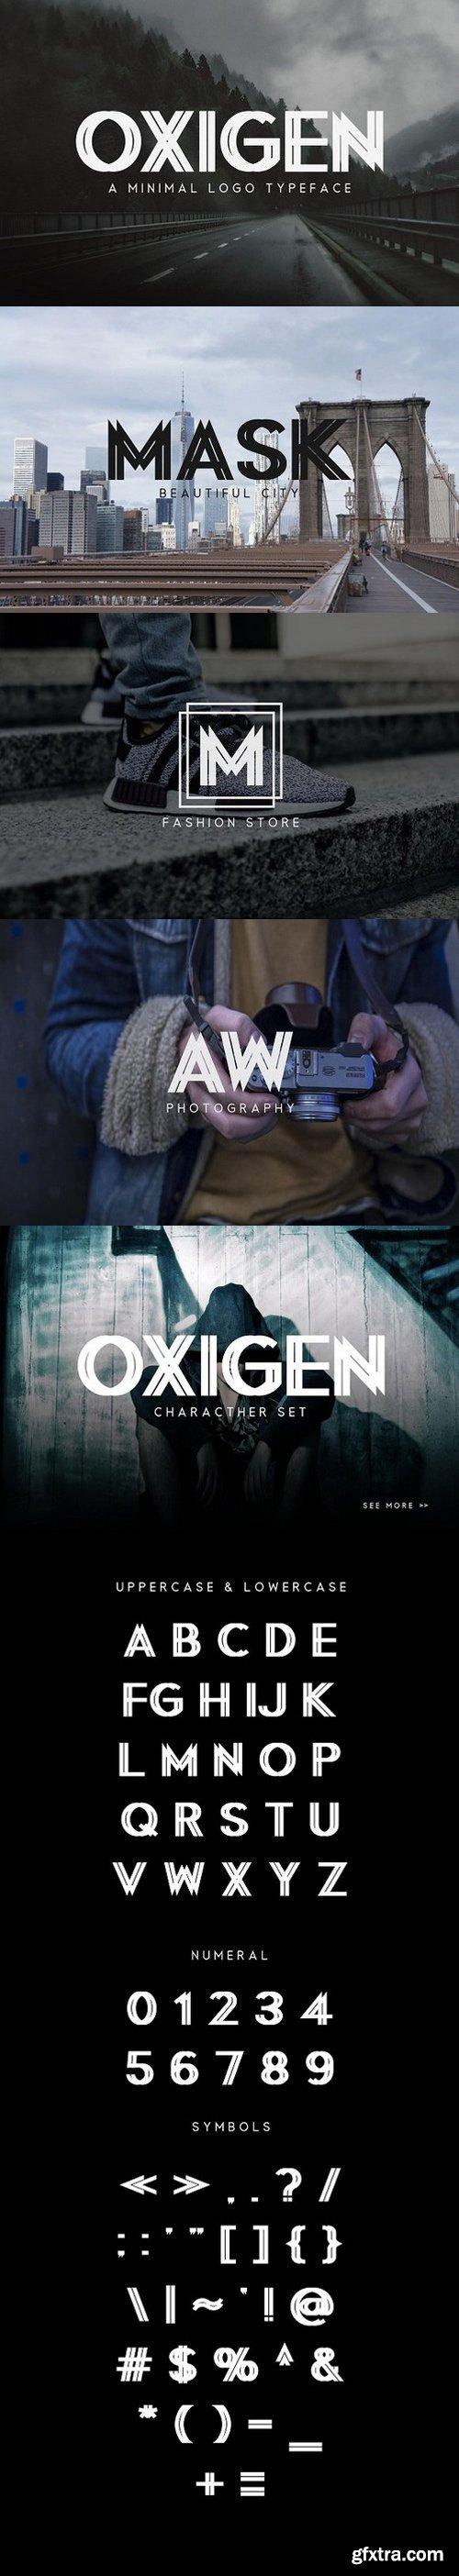 CM - Oxigen | A Minimal Logo Typeface 1095233